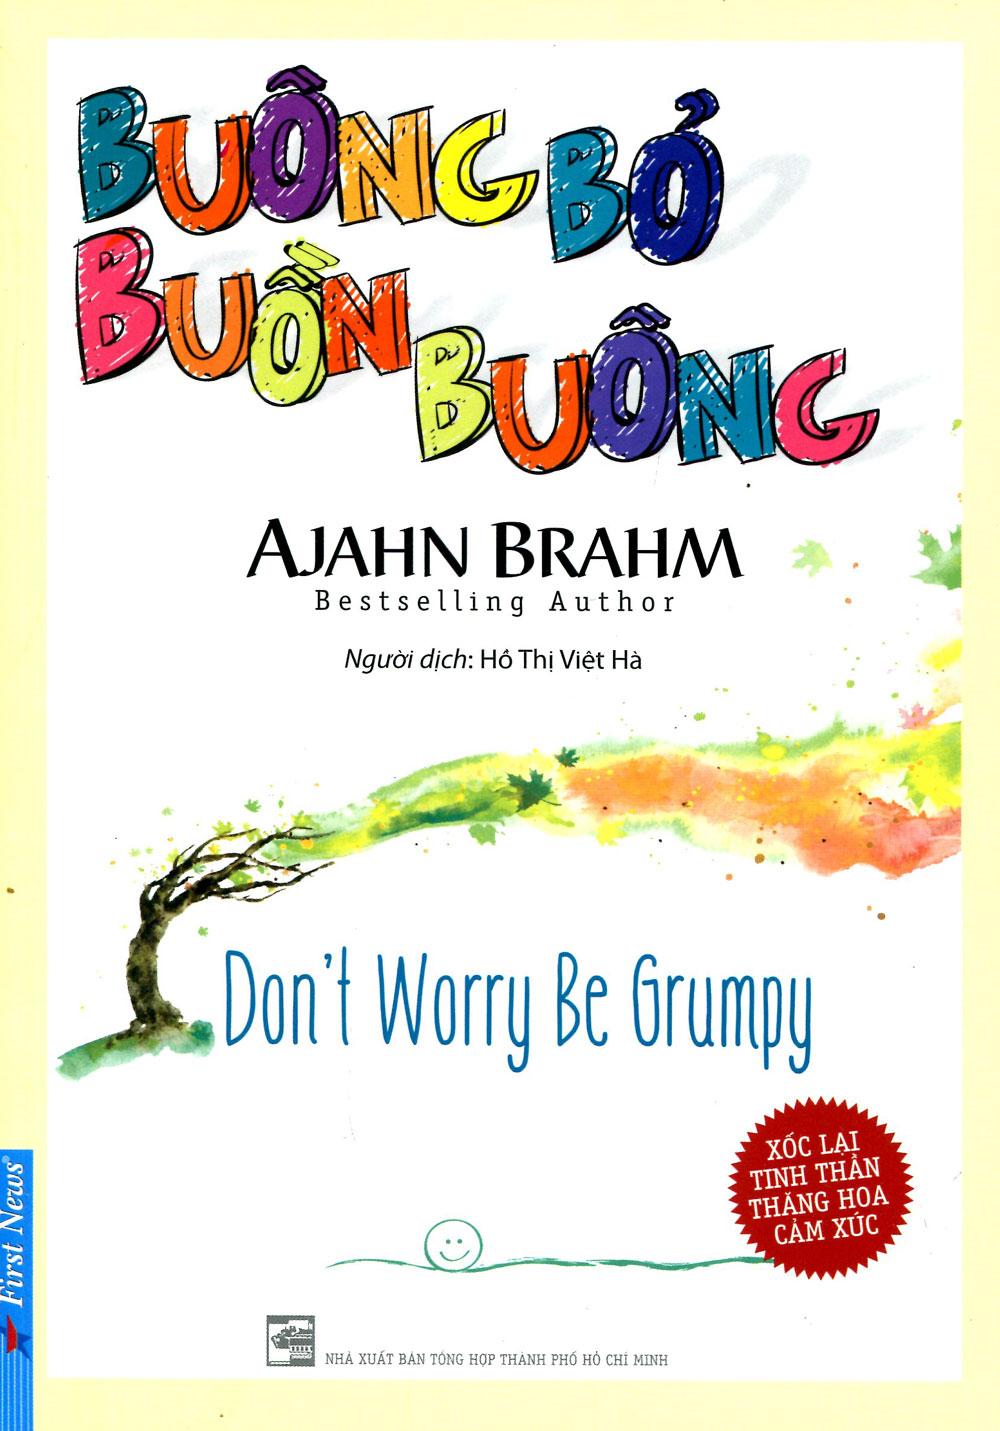 Bìa sách Buông Bỏ Buồn Buông